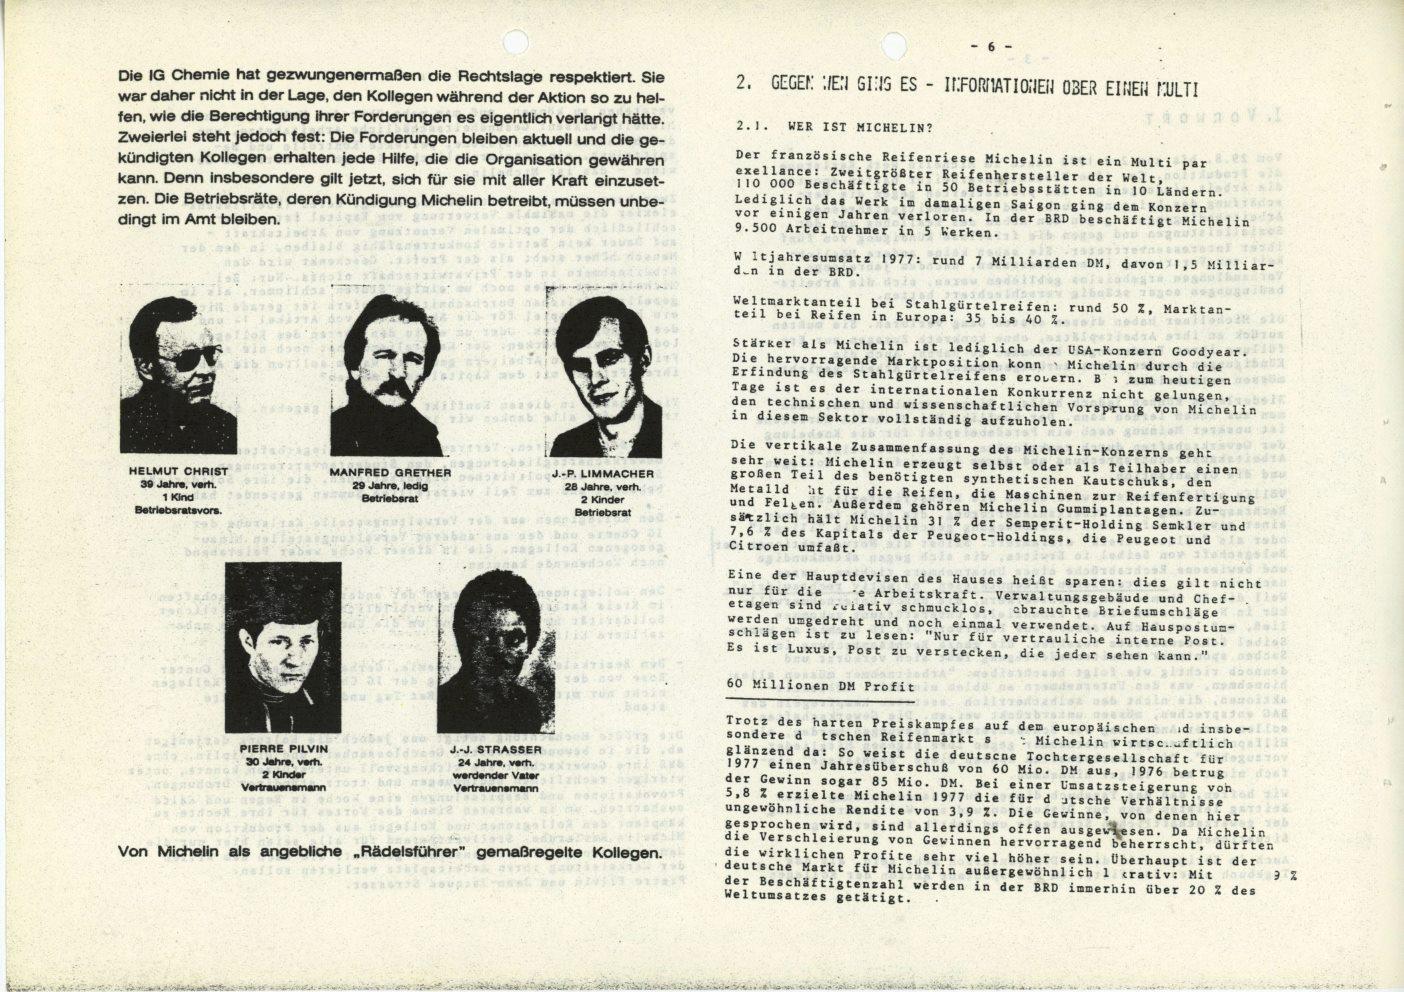 Karlsruhe_Michelin_IGCPK_Doku_zum_Arbeitskonflikt_1978_03